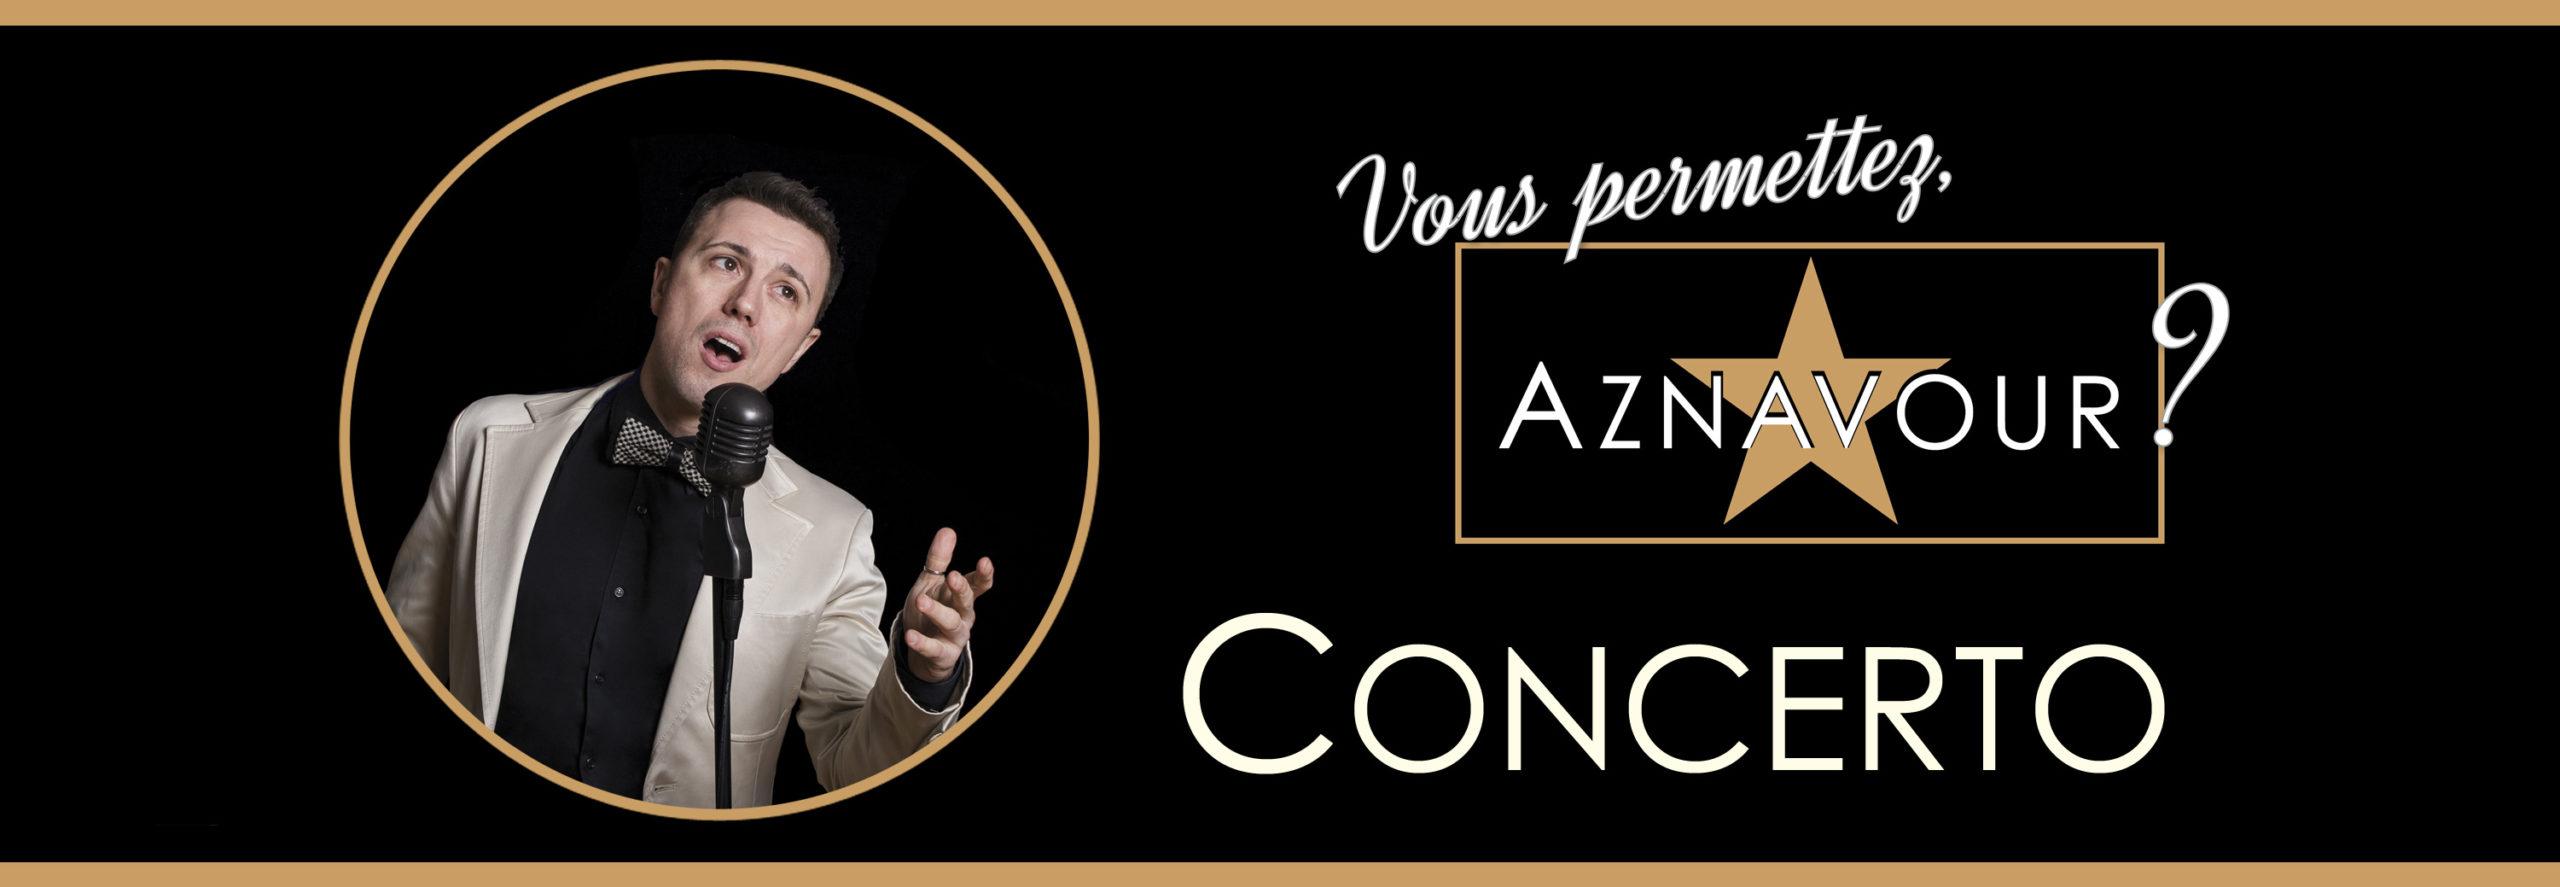 """Michelangelo Nari - Concerto """"Vous permettez, Aznavour?"""""""